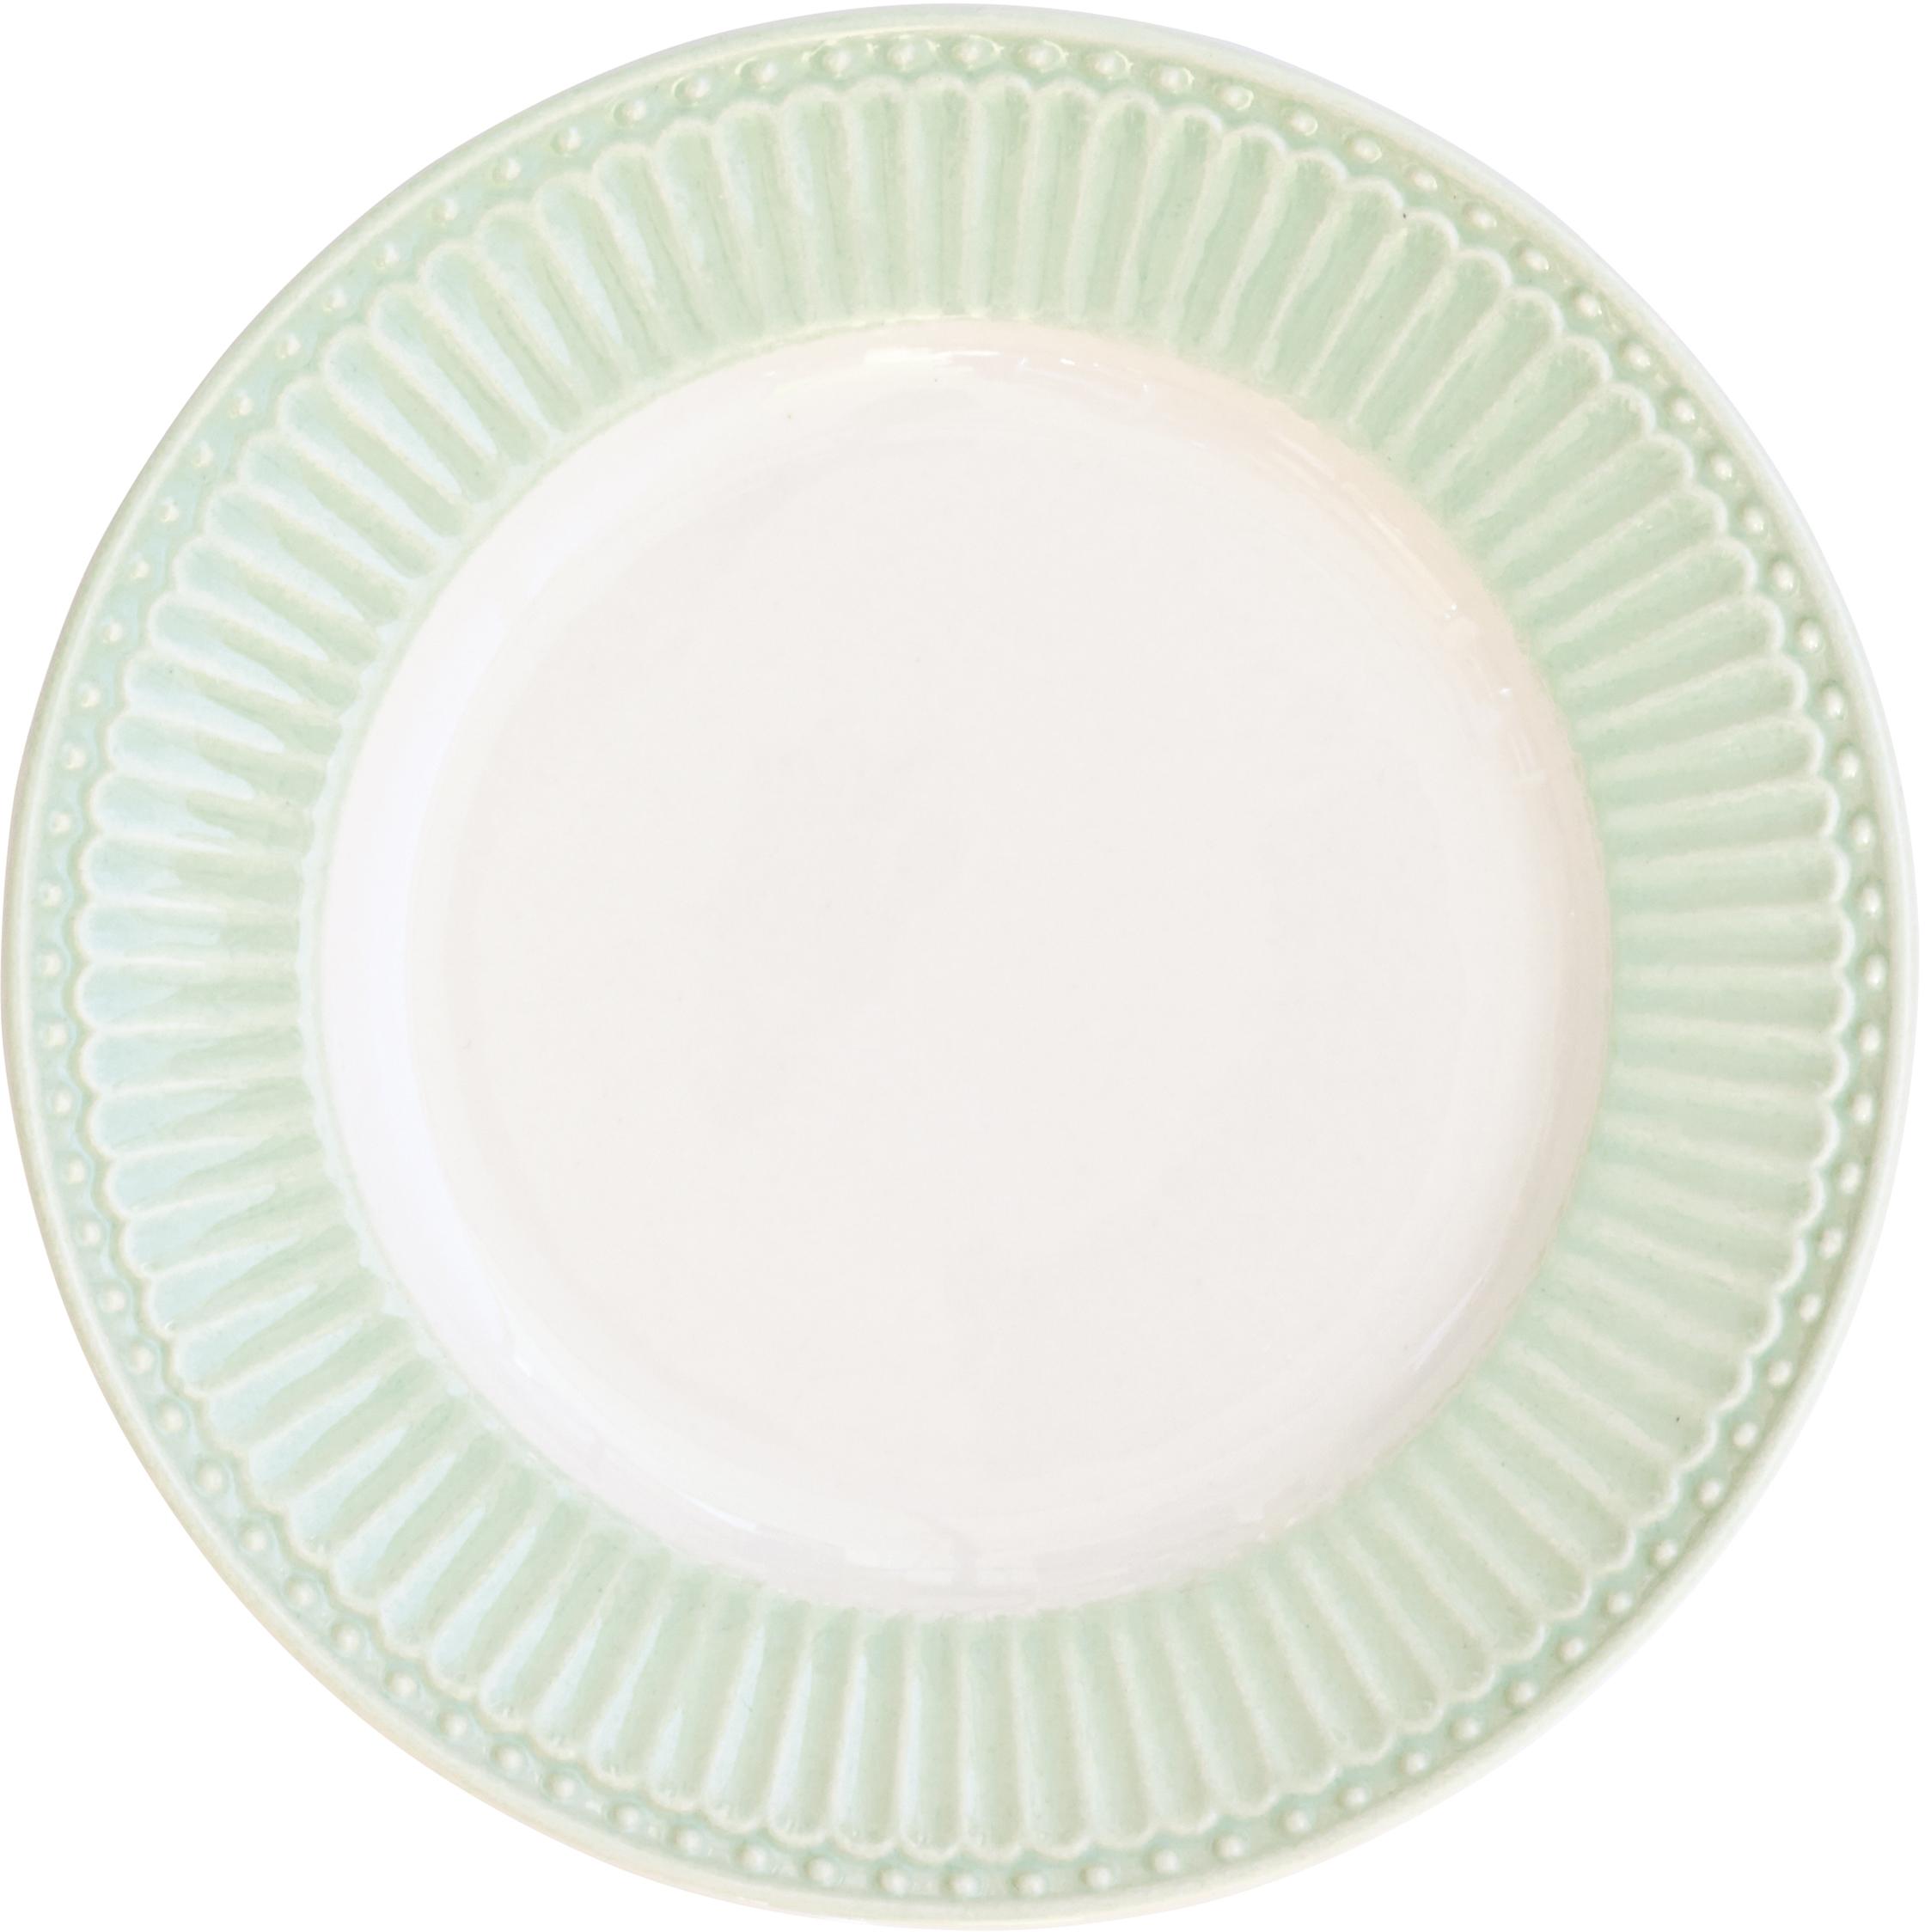 Тарелка десертная Alice, цвет: зеленый, диаметр 17,5 смSTWPLASAALI3906Десертная тарелка датского производства Alice pale green, выполненная из высококачественного фарфора, несомненно, станет украшением как праздничного стола, так и повседневной сервировки. Базовая коллекция Alice создана для идеального сочетания посуды ранних и будущих коллекций Greengate. Впервые появилась в каталогах в 2016 году и с тех пор завоевала миллионы сердец своей универсальностью, зефирной нежностью и разнообразием посудной линейки. Коллекция Alice в пастельных тонах (pink, blue, green) превосходно сочетается как между собой, так и с классическими цветочными принтами, разбавляет их и облегчает композицию. Солнечный желтый цвет Alice pale yellow в сервировке вносит свежесть и яркость погожего летнего денька. Выполнена из высококачественного фарфора, устойчивого к сколам, допускается использование в посудомоечной машине и микроволновой печи. Коллекция Alice – это беспроигрышный вариант как для знакомства с коллекционной посудой Greengate, так и для принципа «mix and match» (смешивай и сочетай).